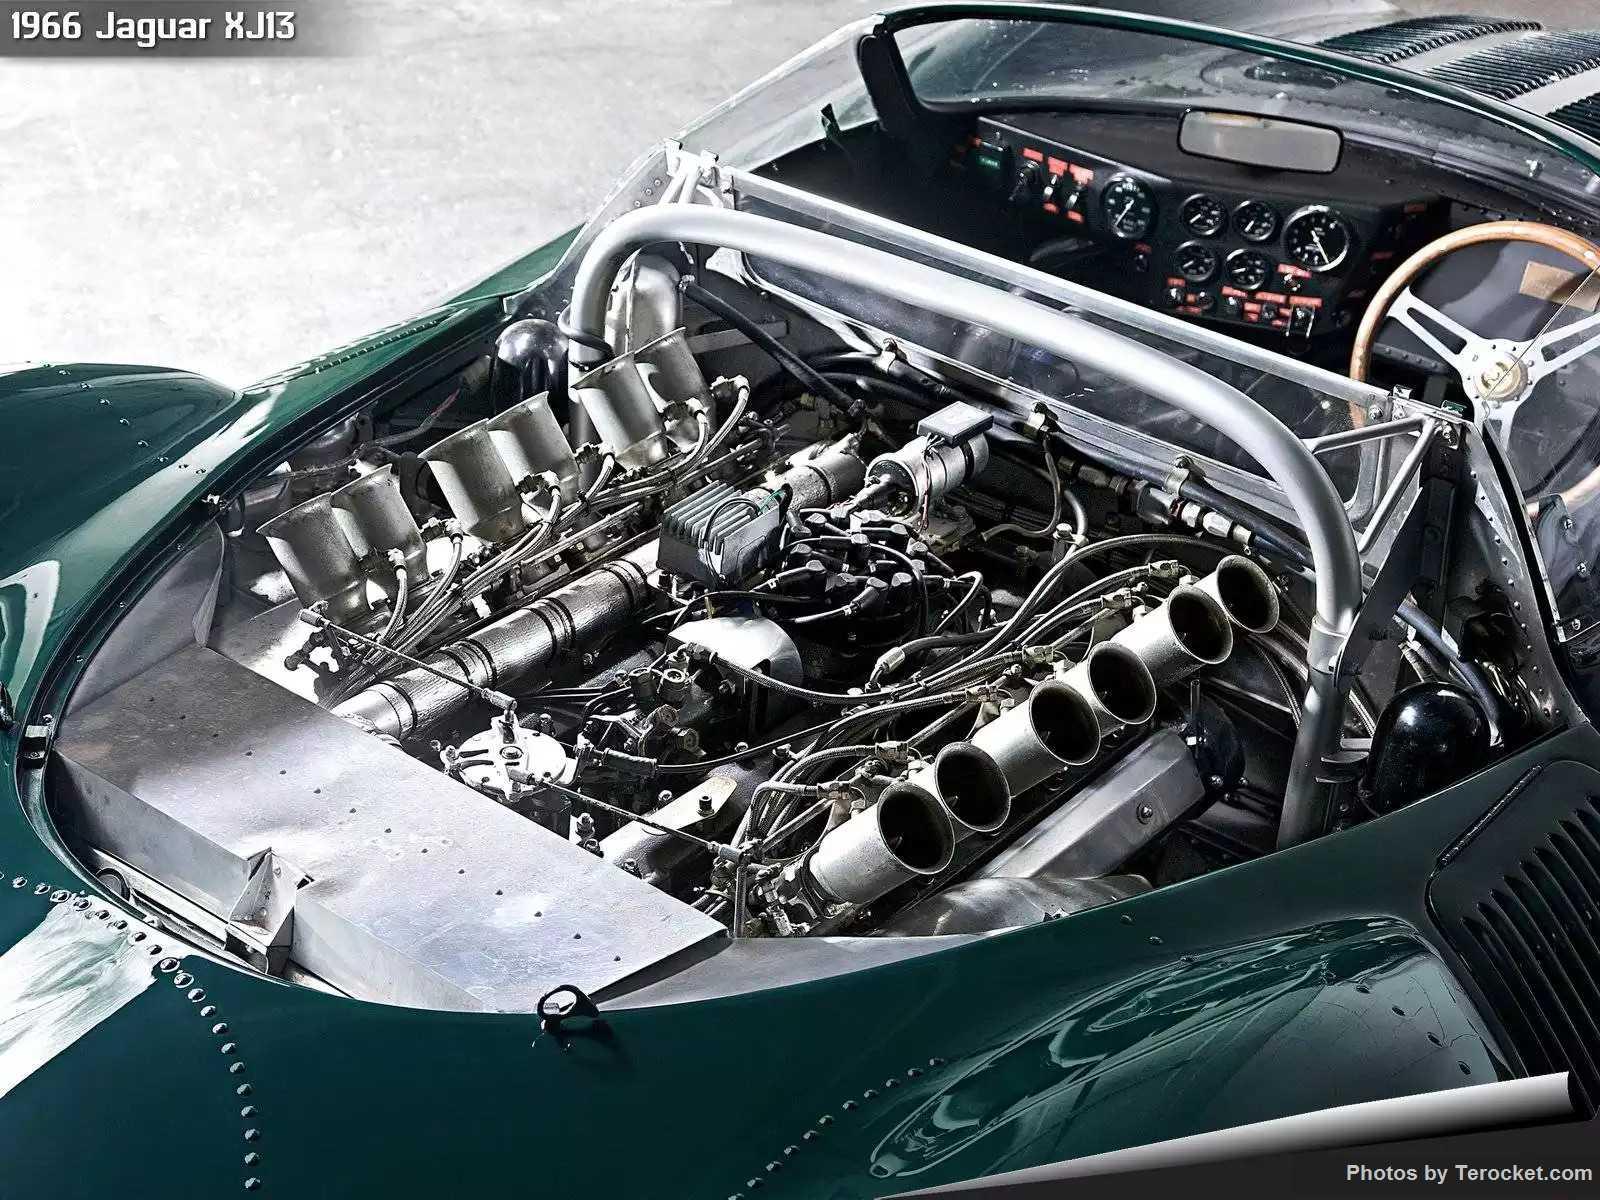 Hình ảnh xe ô tô Jaguar XJ13 1966 & nội ngoại thất